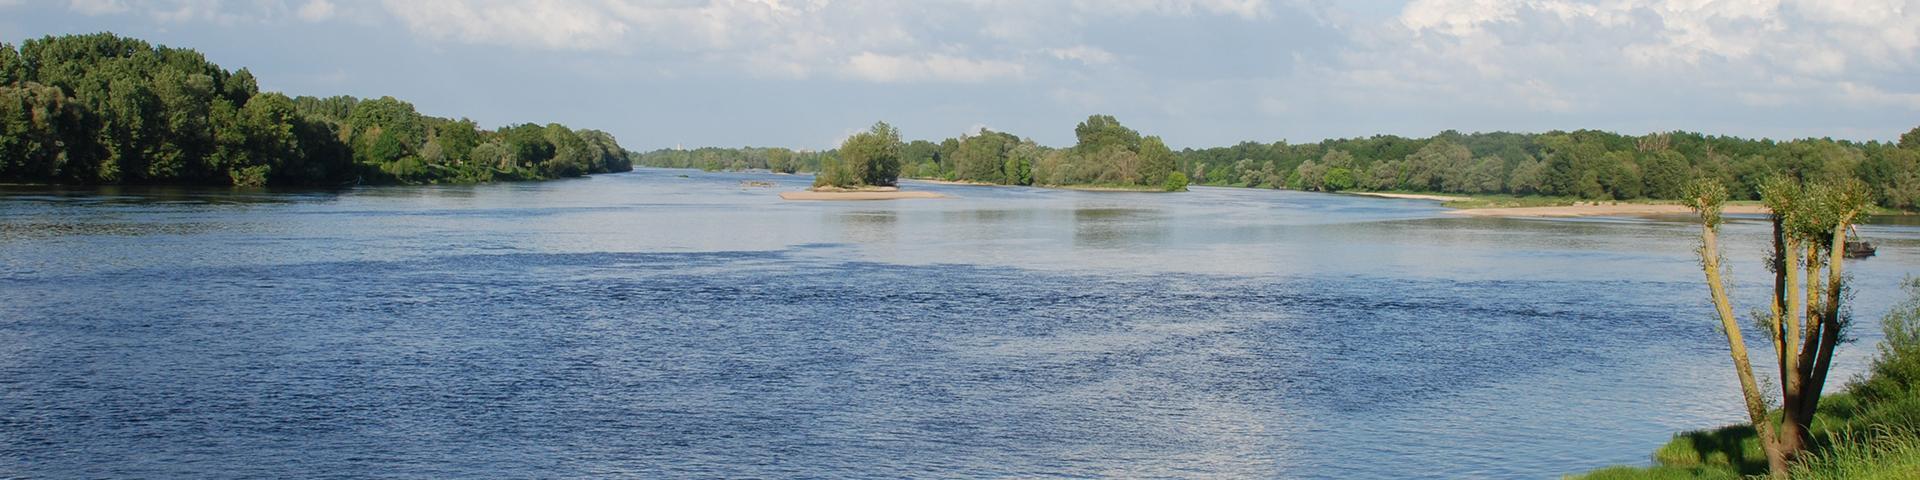 The River Loire, Orléans